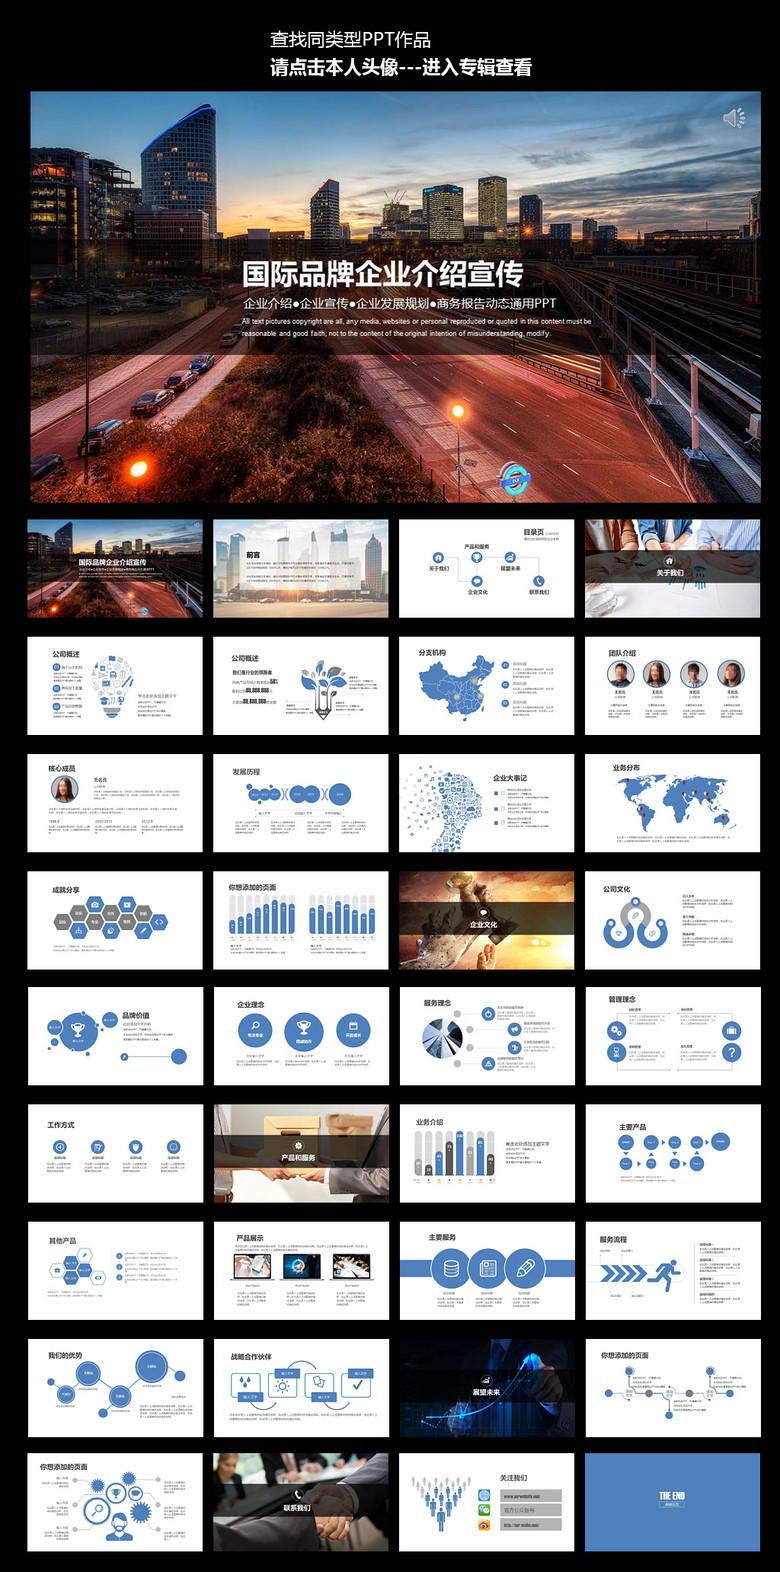 业营销宣传完整框架PPT模板下载 13.60MB 商务PPT大全 商务通用